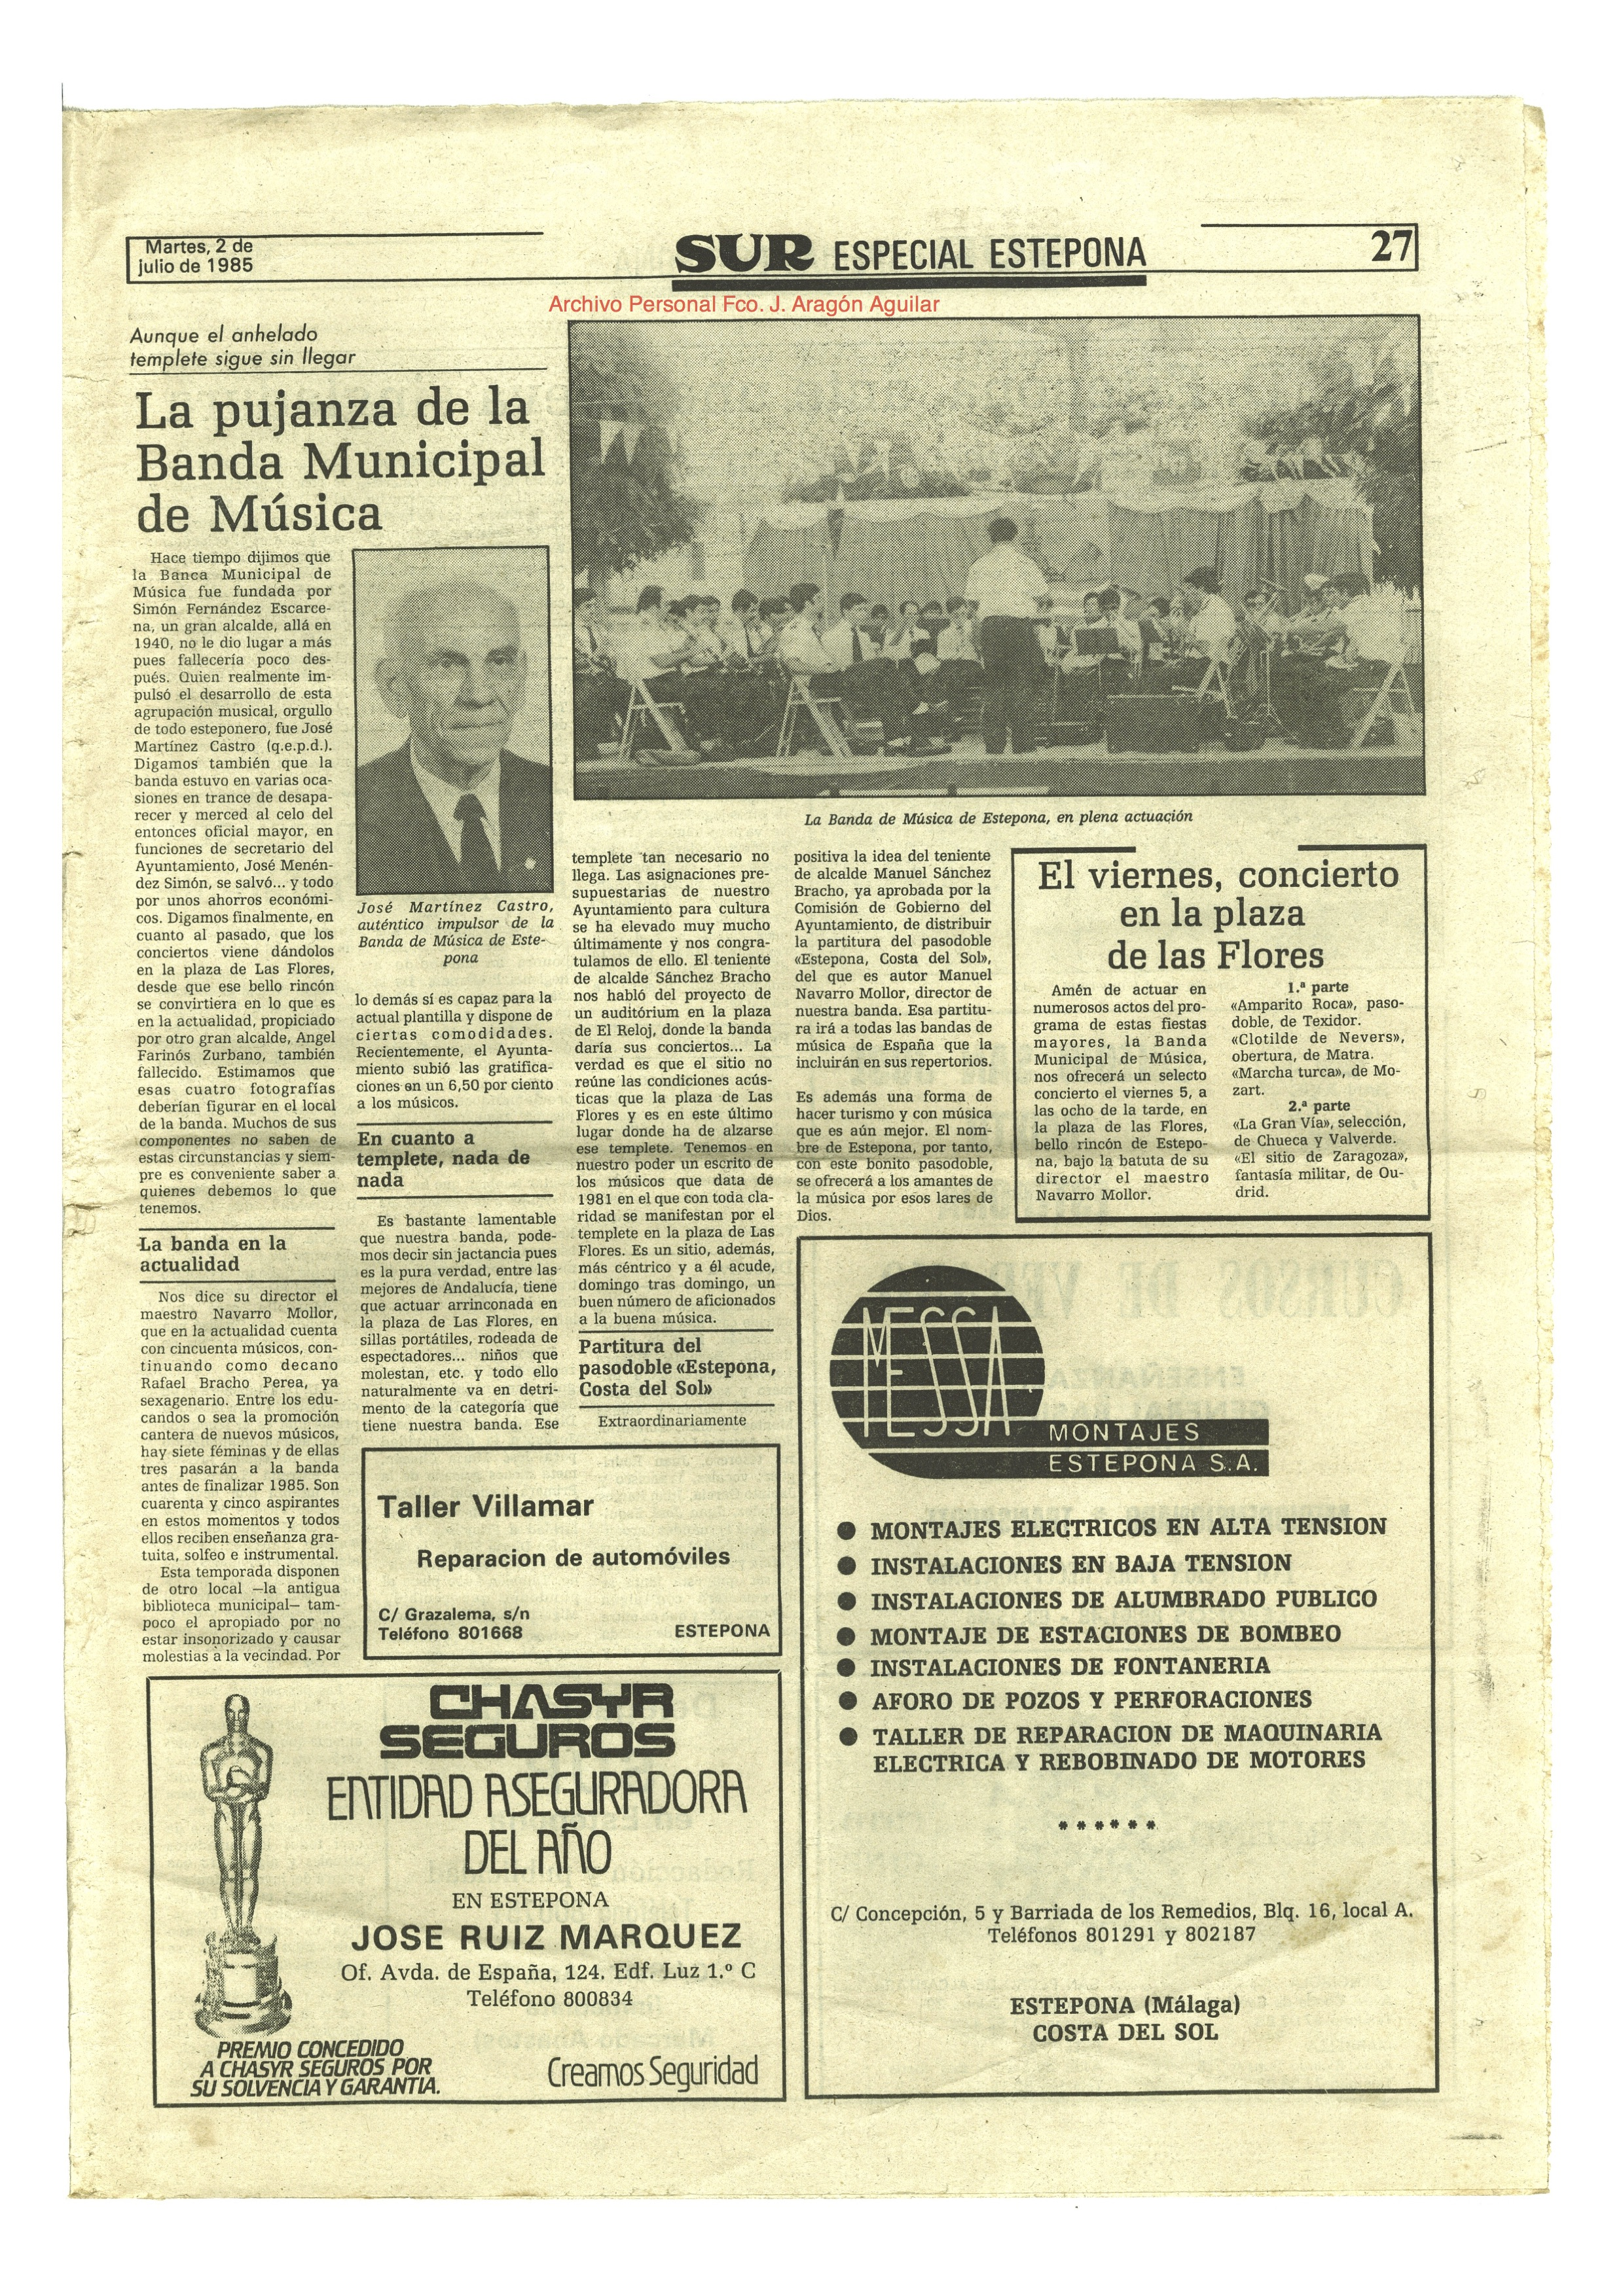 la-pujanza-de-la-banda-municipal-de-estepona-archivo1974